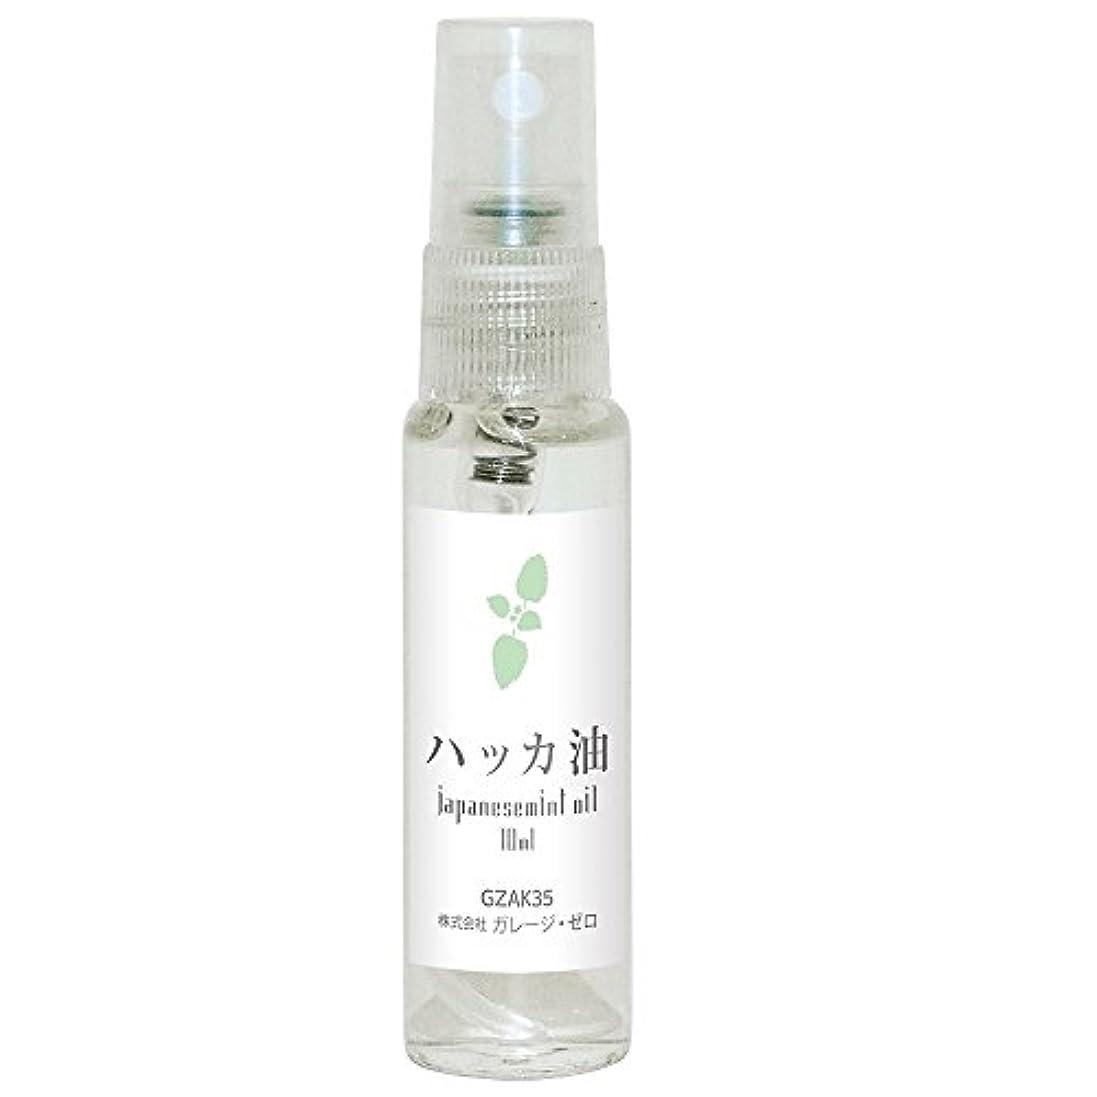 バケット覚醒植物学者ガレージゼロ ハッカ油 透明スプレー瓶入10ml GZAK35